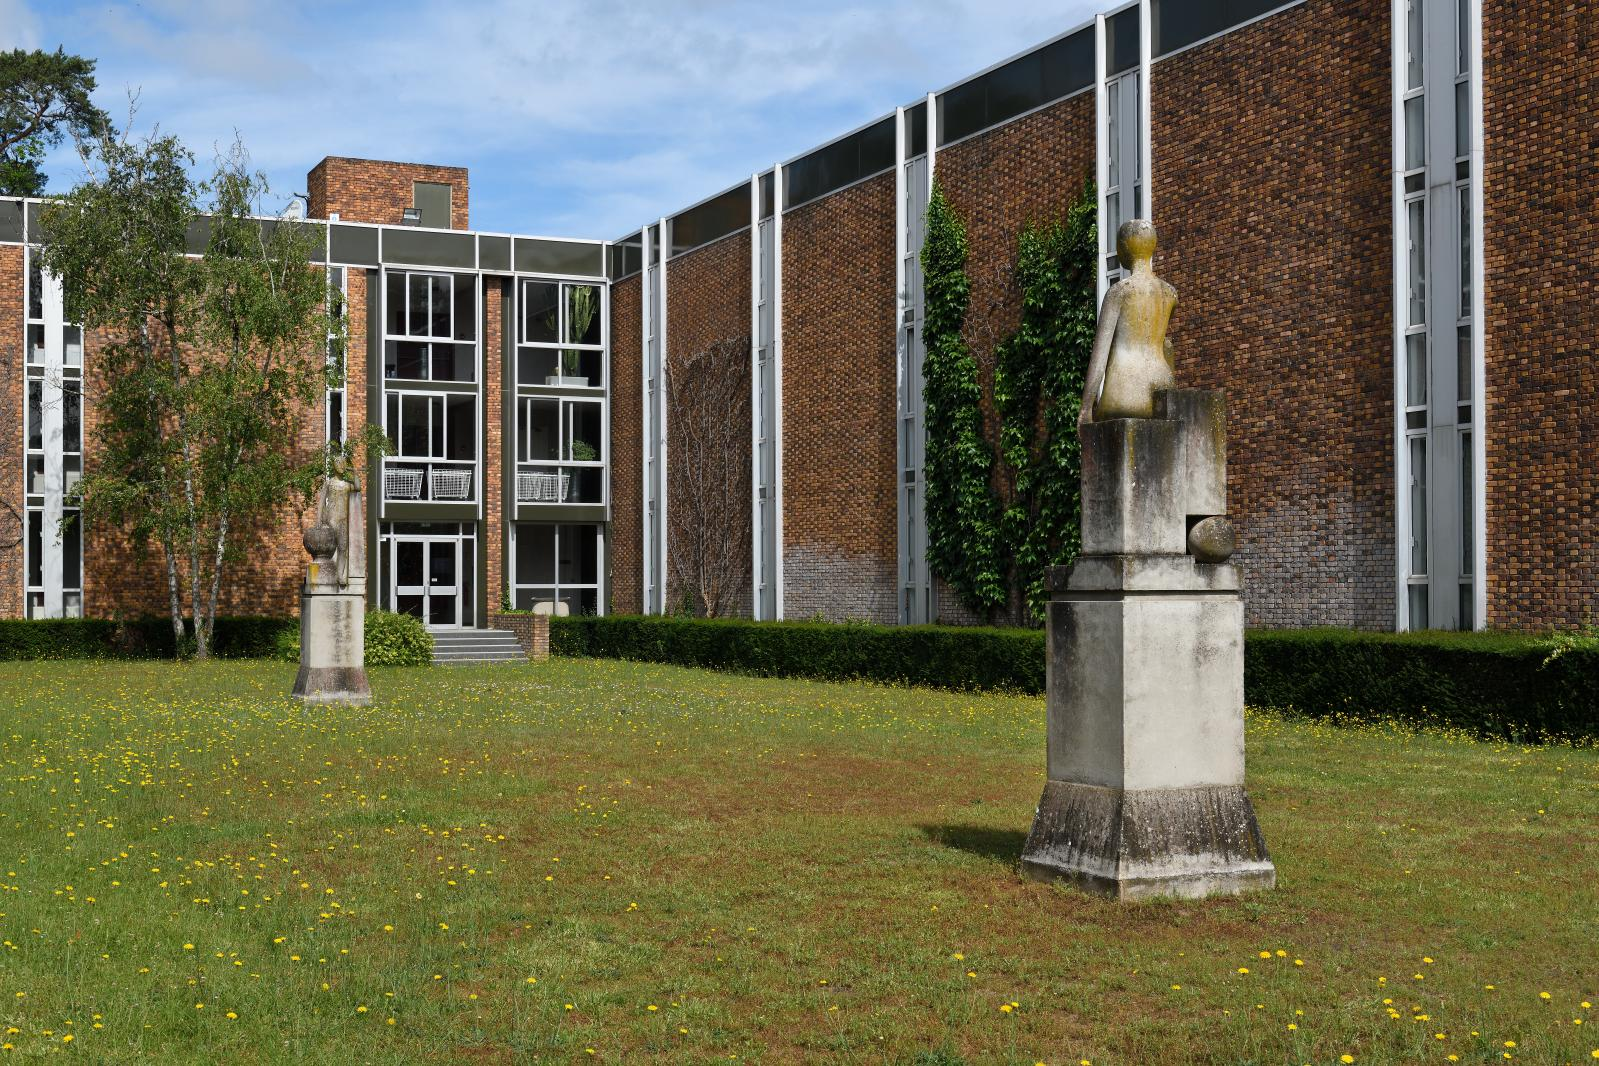 François-Xavier Lalanne (1927-2008), La Science (détail ci-dessous) et La Loi dans le parc du Cedep, béton moulé, 330x90x90cm. Estima